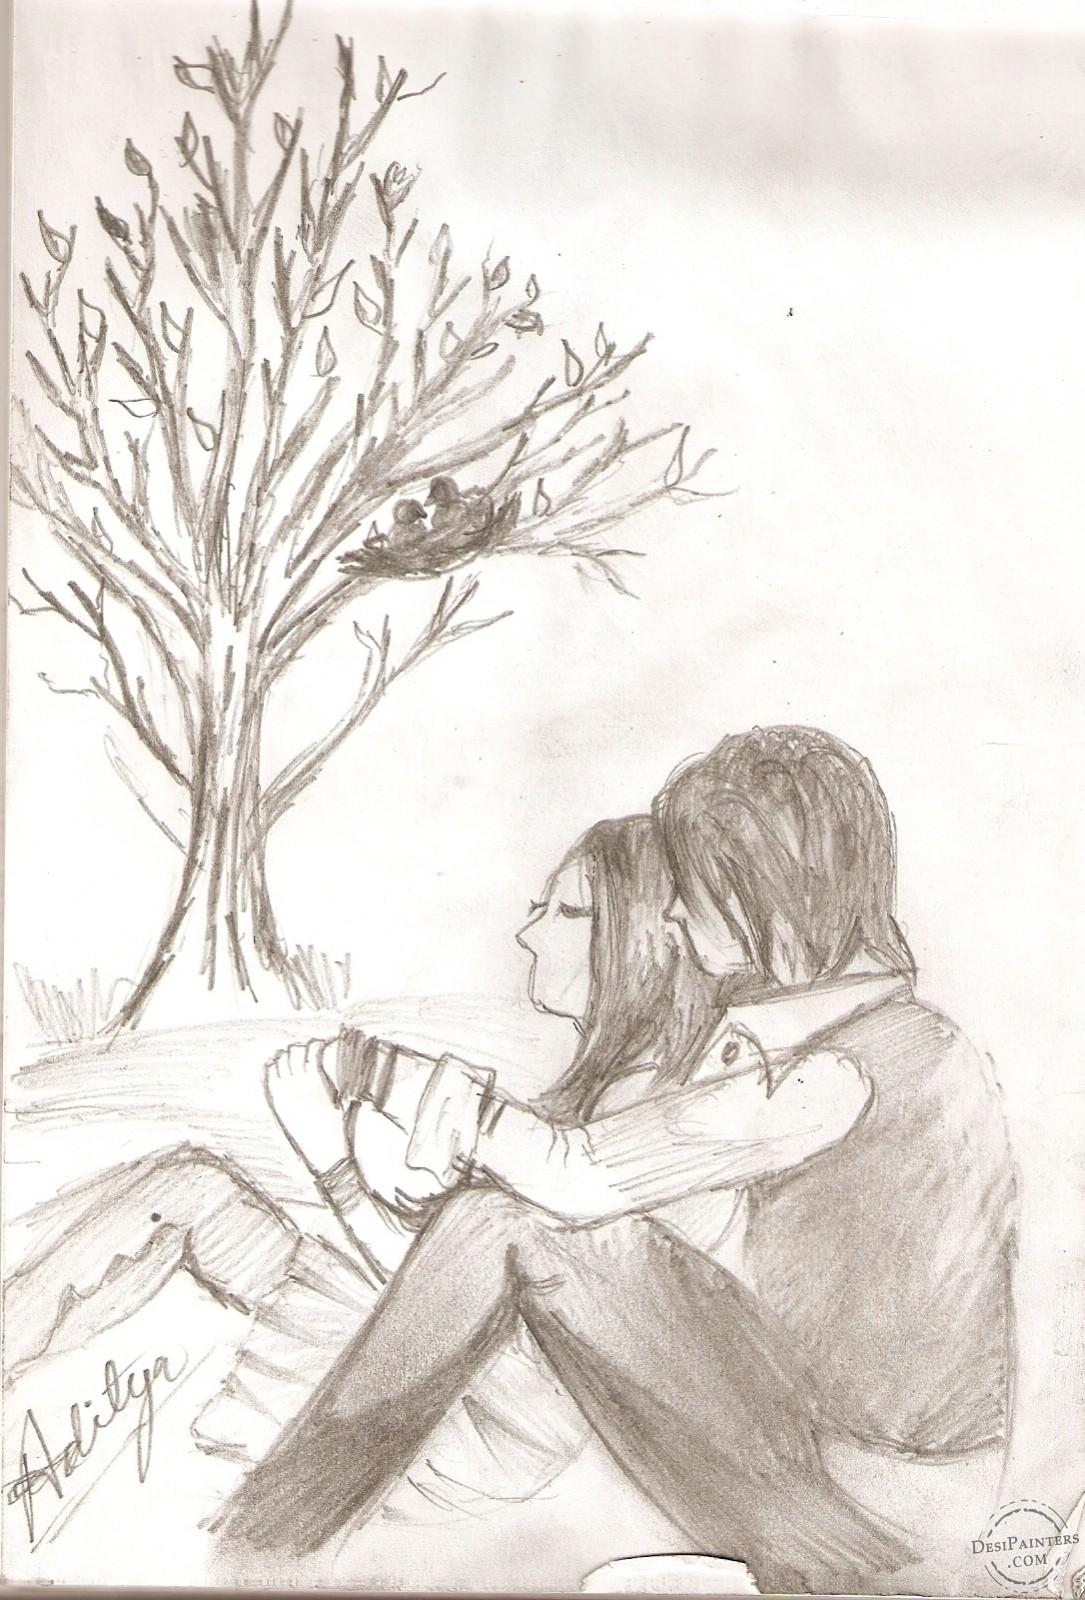 1085x1600 Emo Heart Drawings Emo Love Drawings In Pencil Httpwww